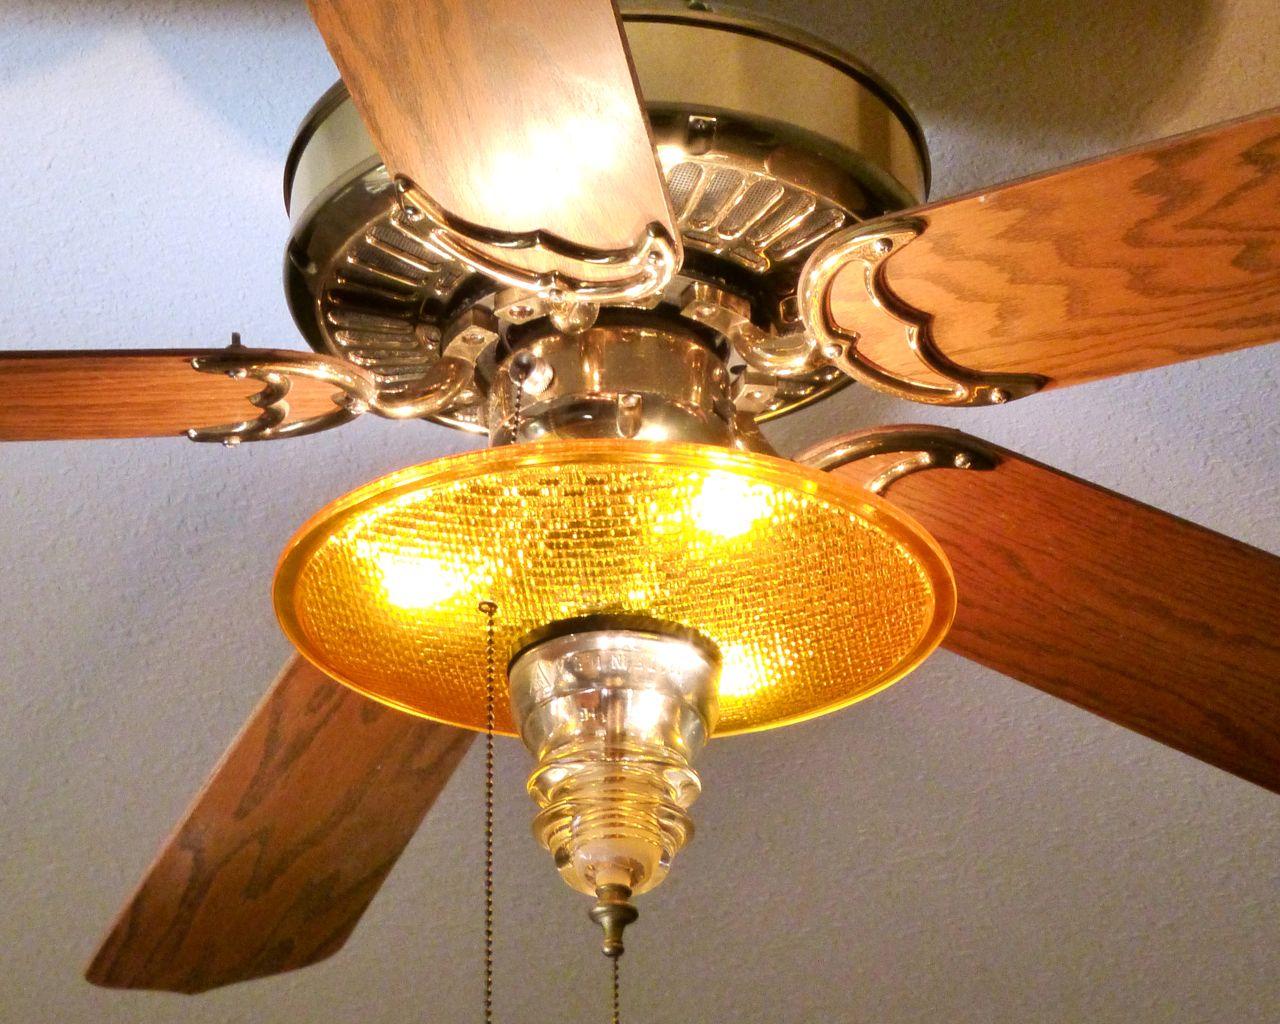 Yellow Ceiling Fan: Traffilcllight Ceiling Fan Kit ...,Lighting